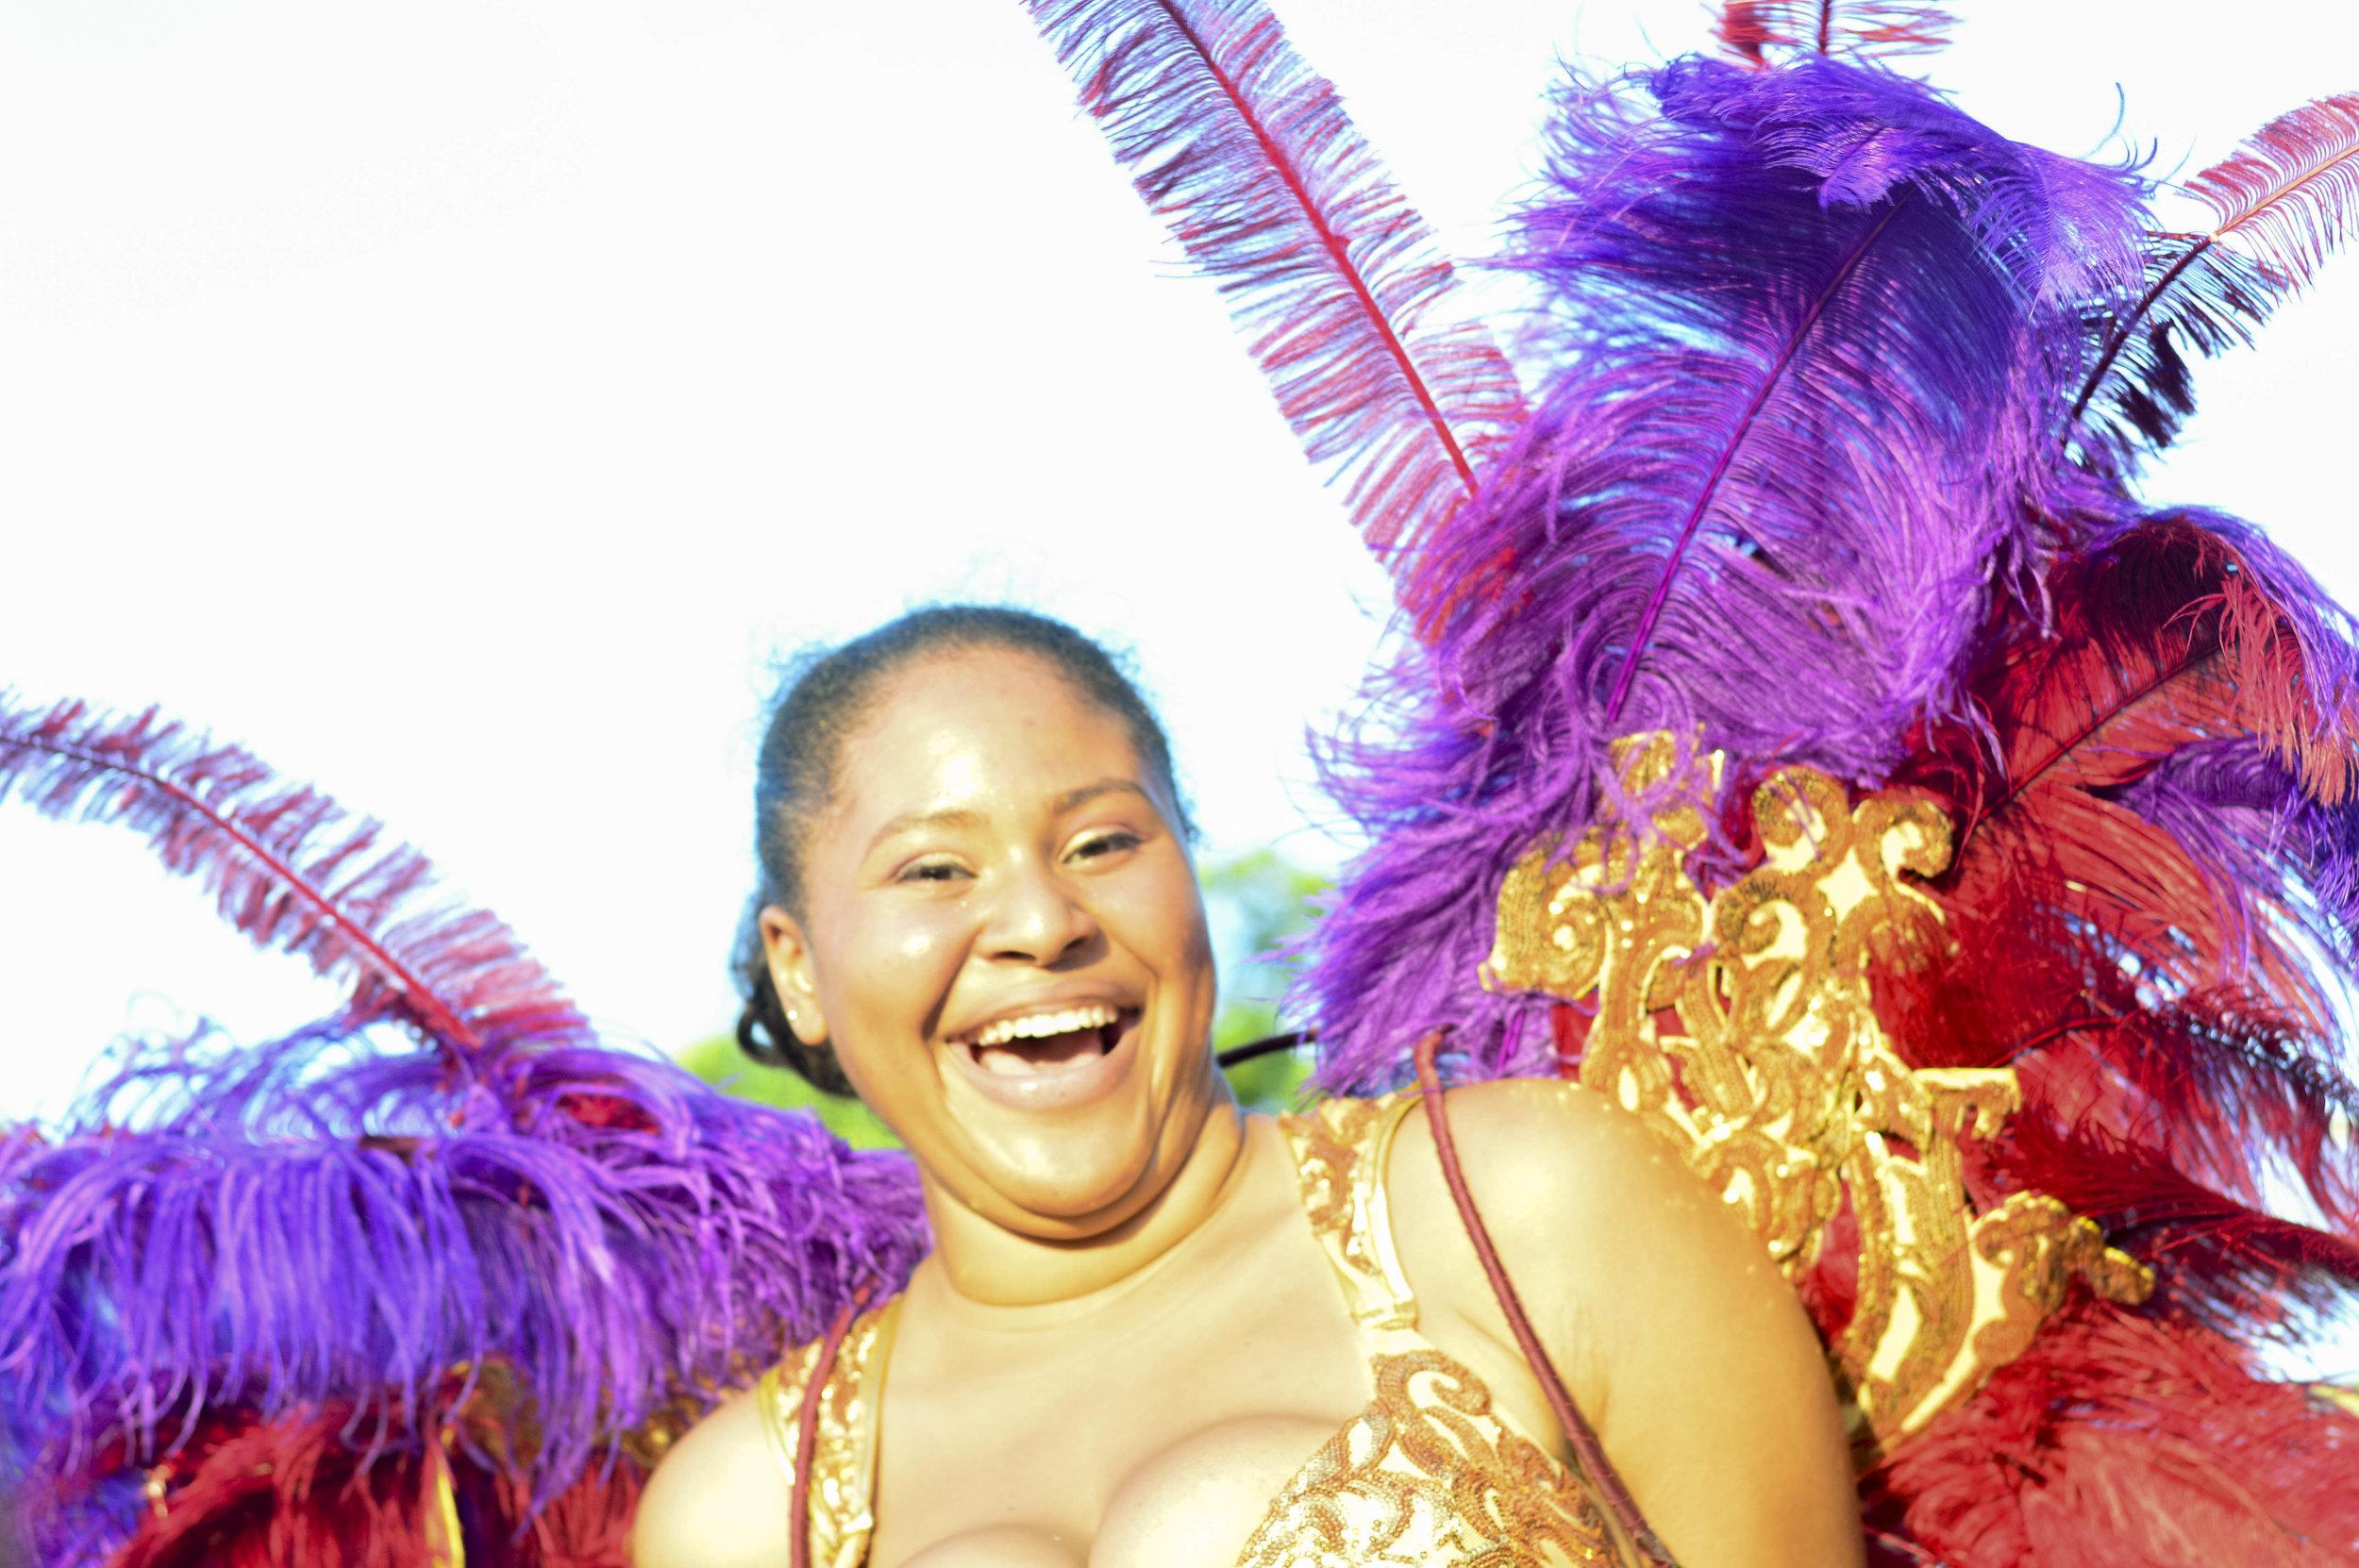 carnival2019_jeanalindo-28.jpg